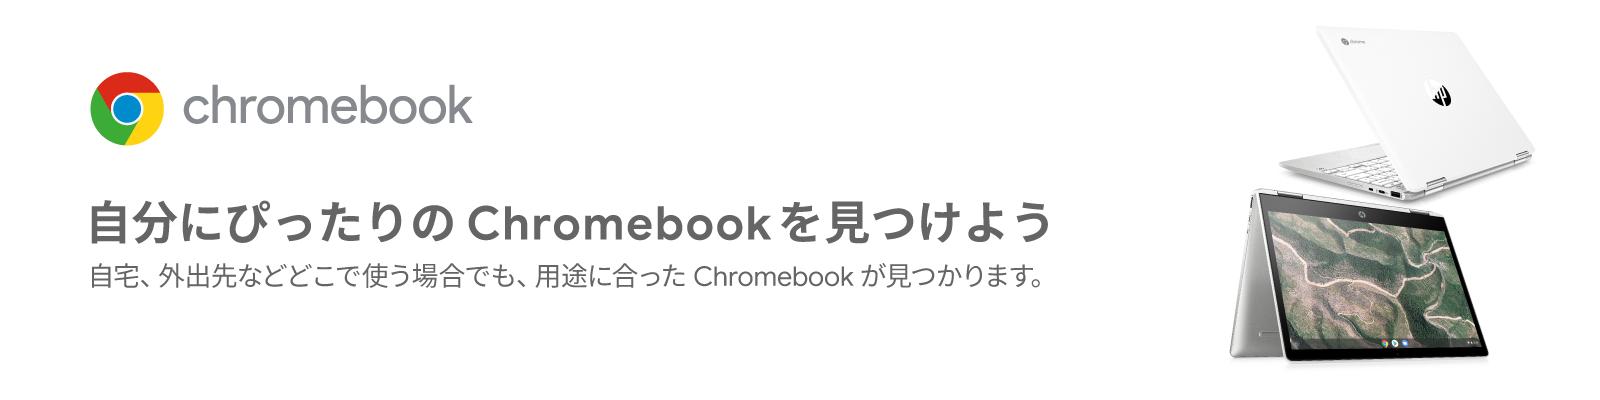 自分にぴったりのChromebookを見つけよう